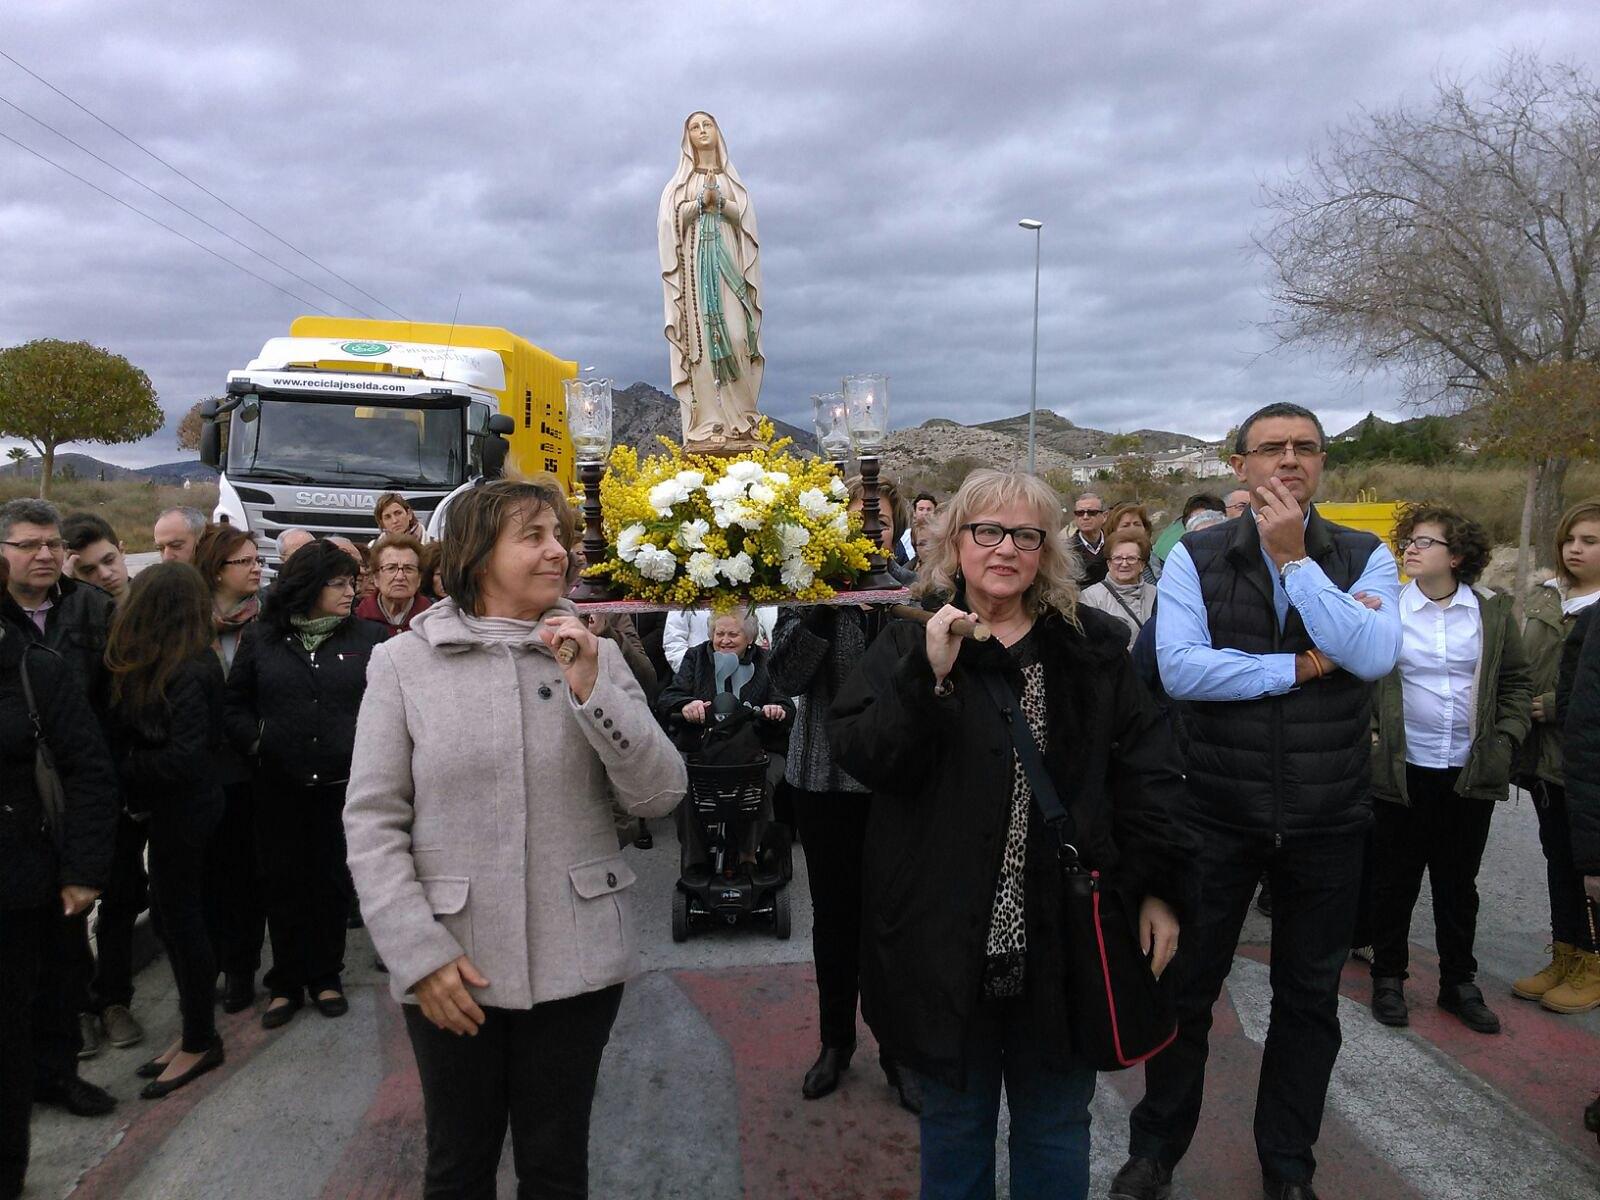 (2016-02-13) - Inauguración Virgen de Lourdes, La molineta - Miguel Angel Miralles Cano (02)